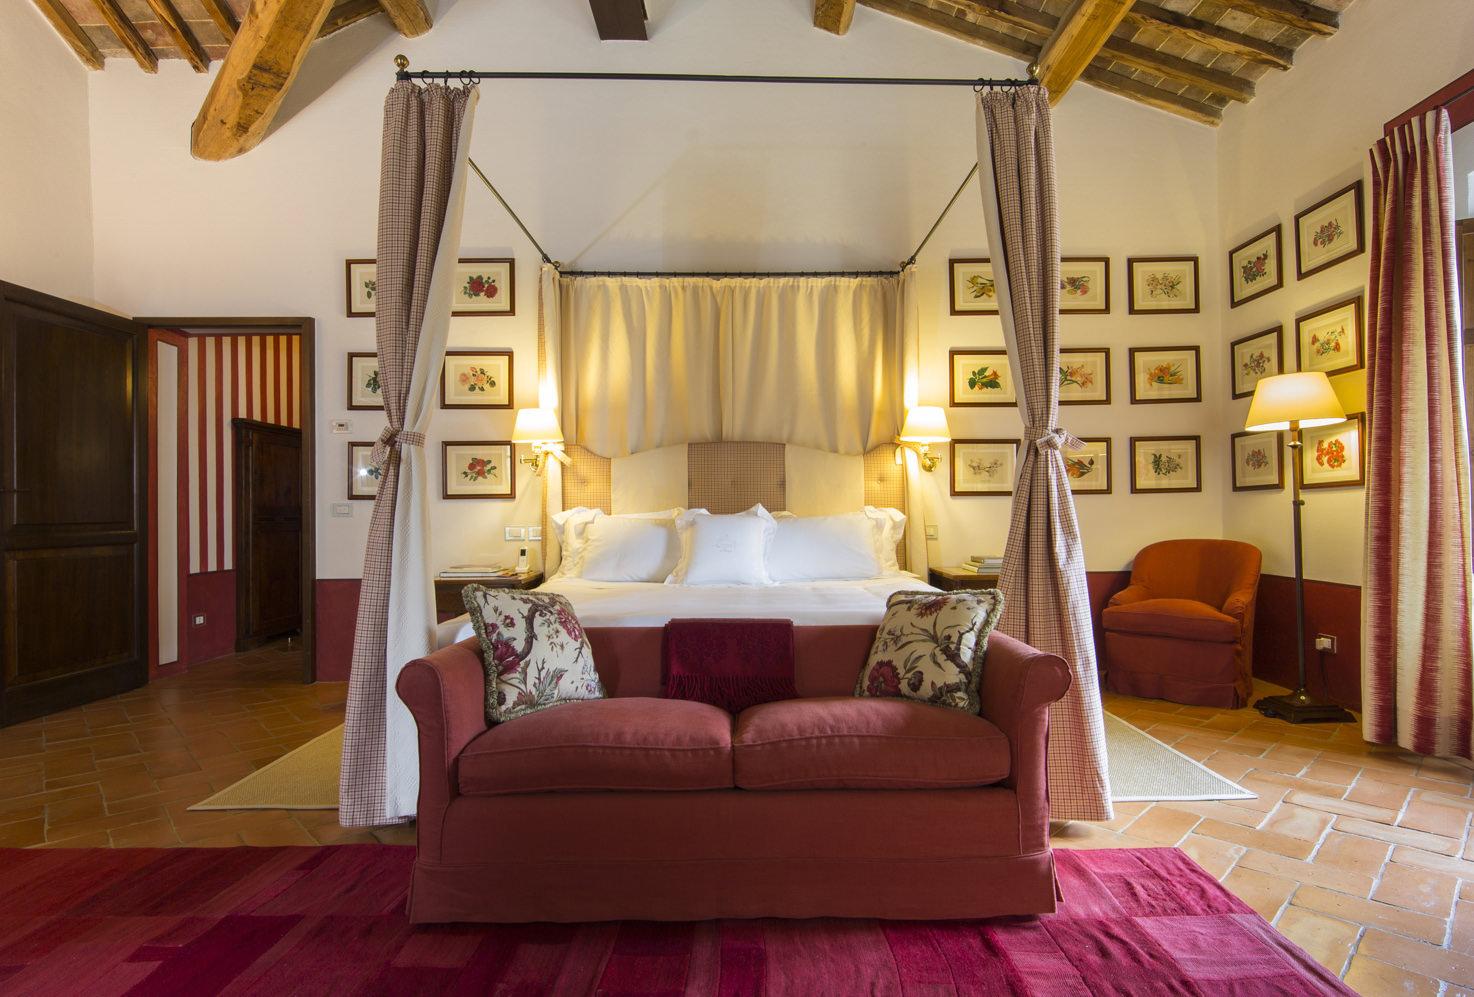 Accommodation at Castello Banfi